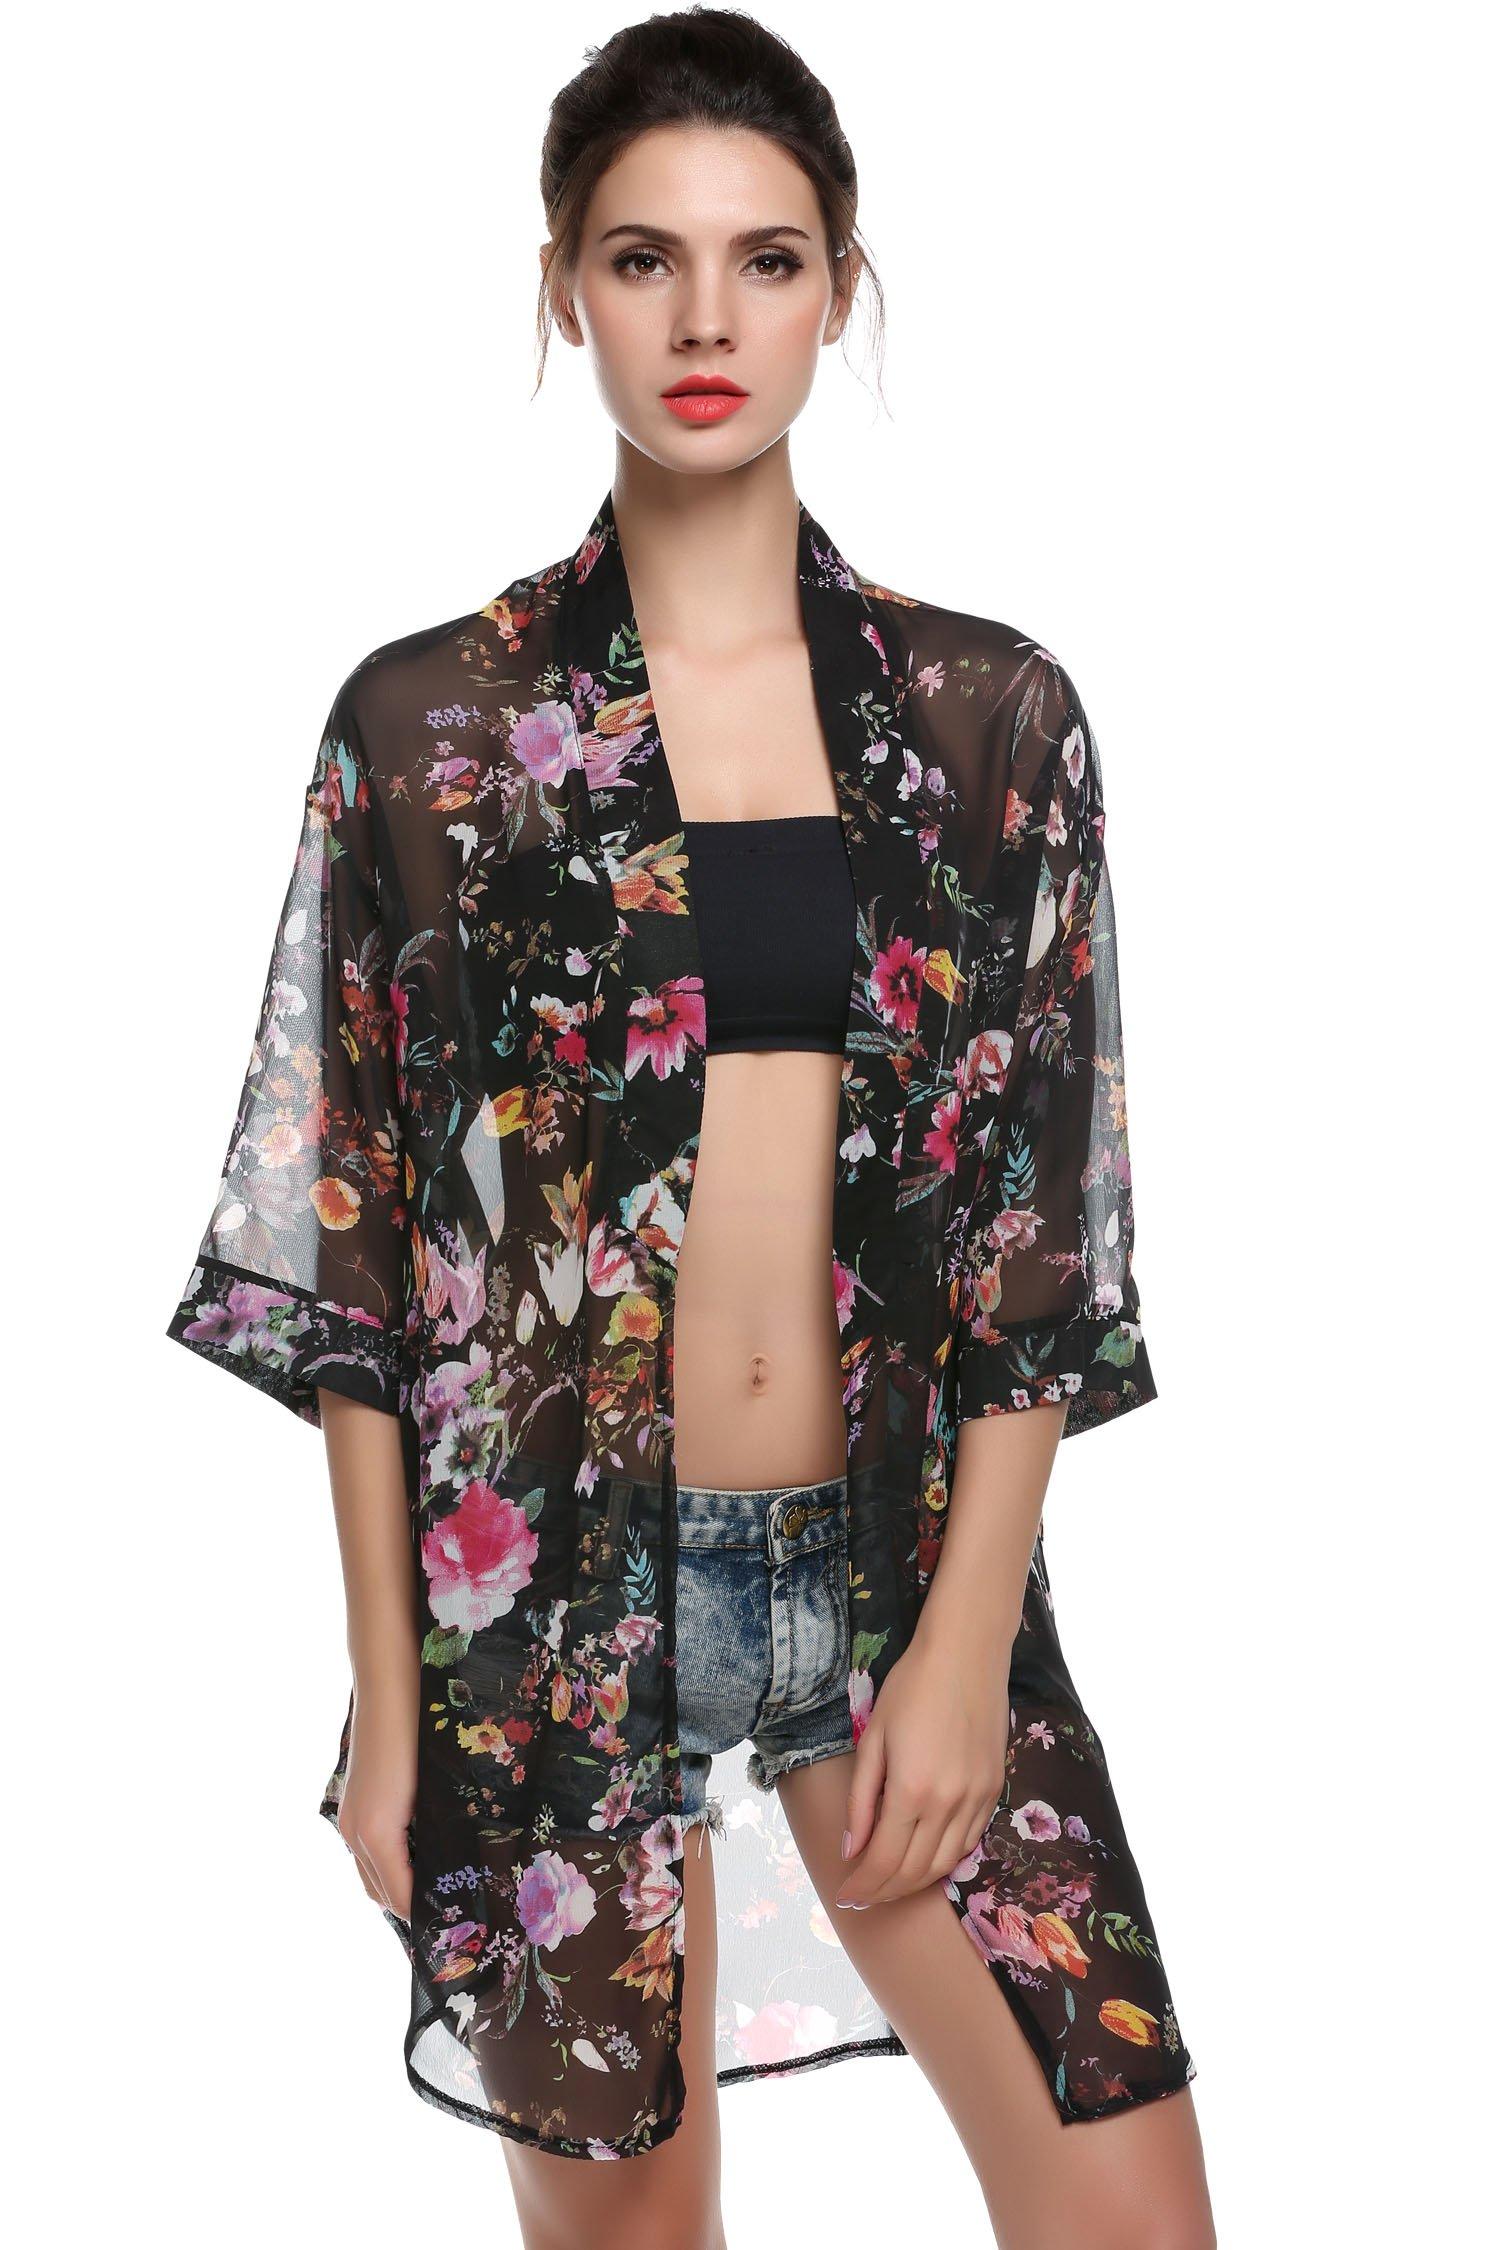 BLUETIME Women's 3/4 Sleeve Floral High Low Chiffon Kimono Cardigan Blouse (M, Black) by BLUETIME (Image #2)